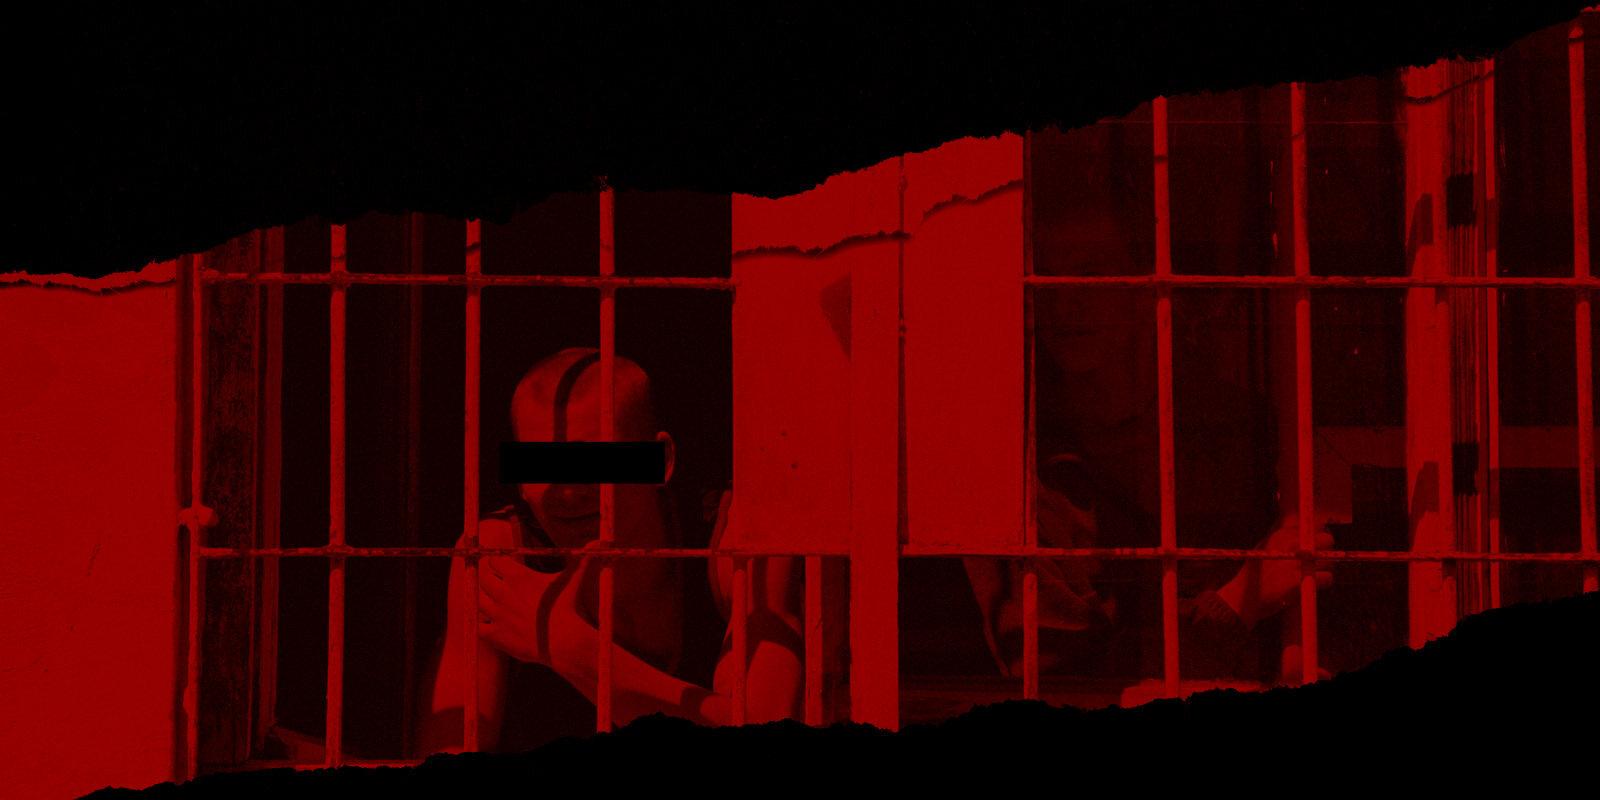 Ķīpsalas briesmonis un citi uz mūžu ieslodzītie. Pēdējās desmitgades 10 skaļākās lietas